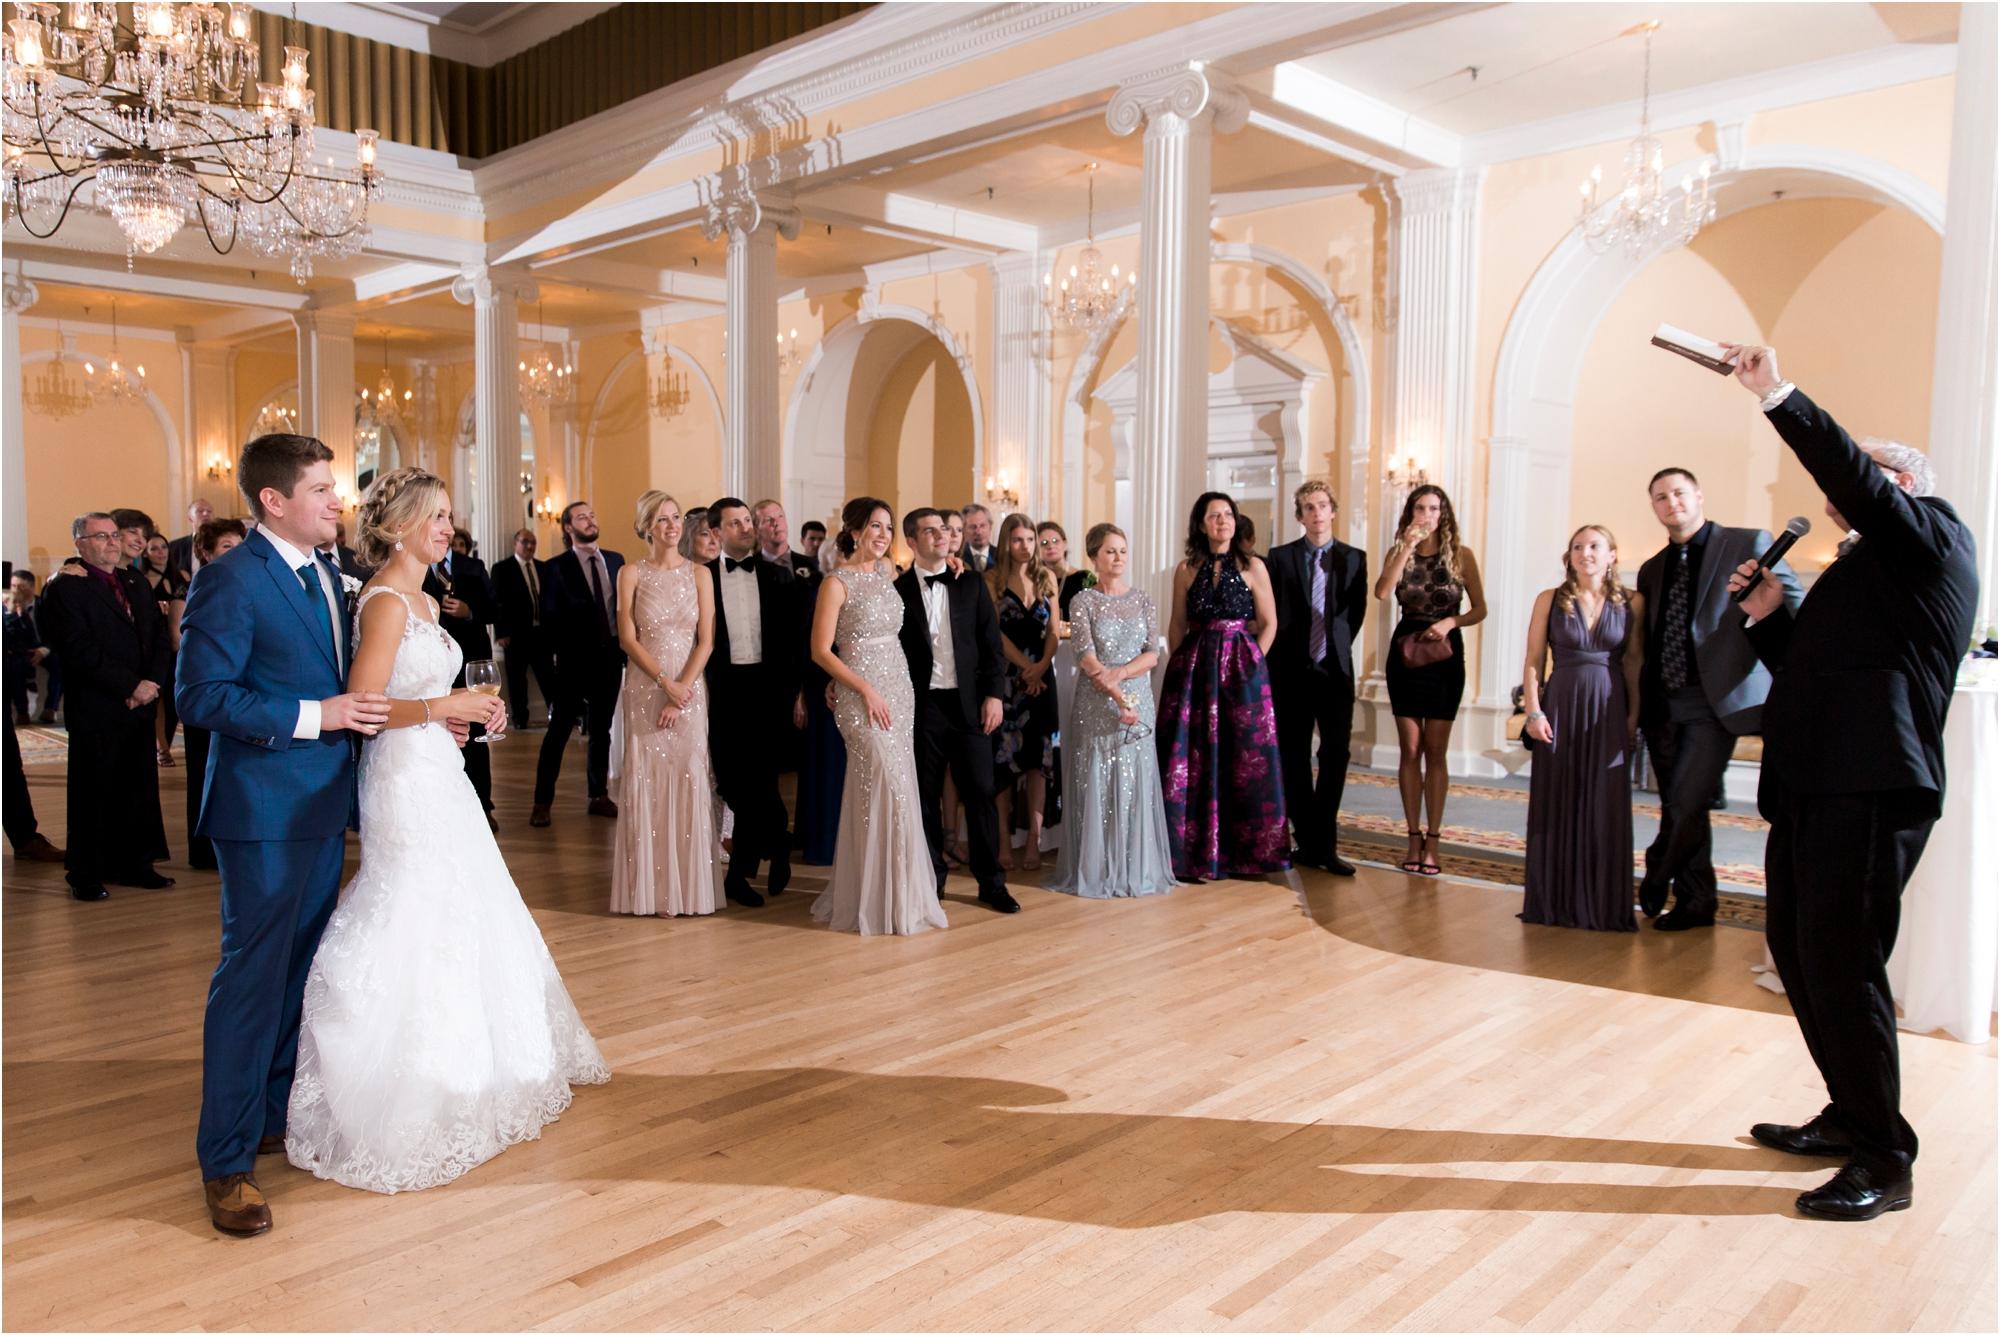 brooke-ilya-fall-virginia-omni-homestead-resort-wedding-photos_0060.jpg